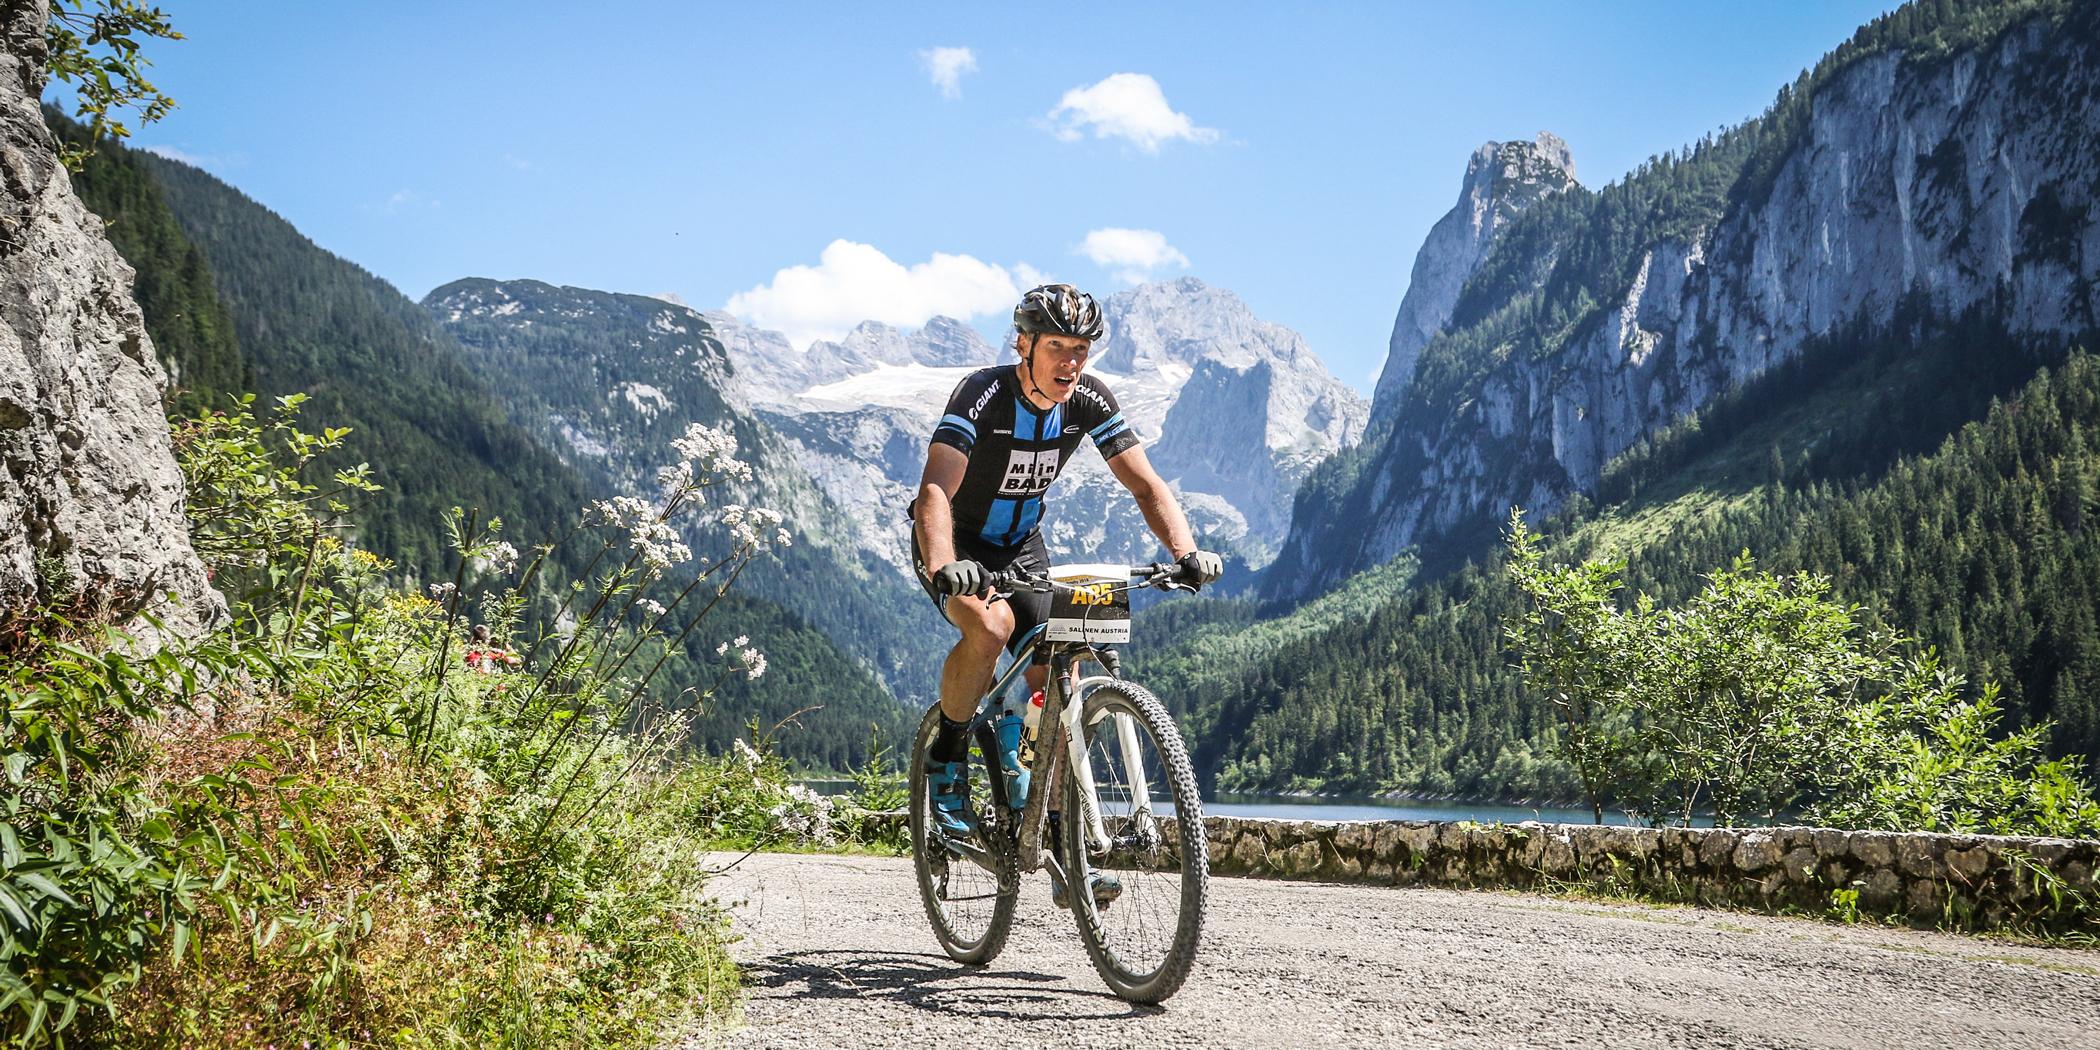 Jan Weevers (NED) - Sieger Salzkammergut Trophy 2018 - M50 Strecke A (Foto: sportograf.de)